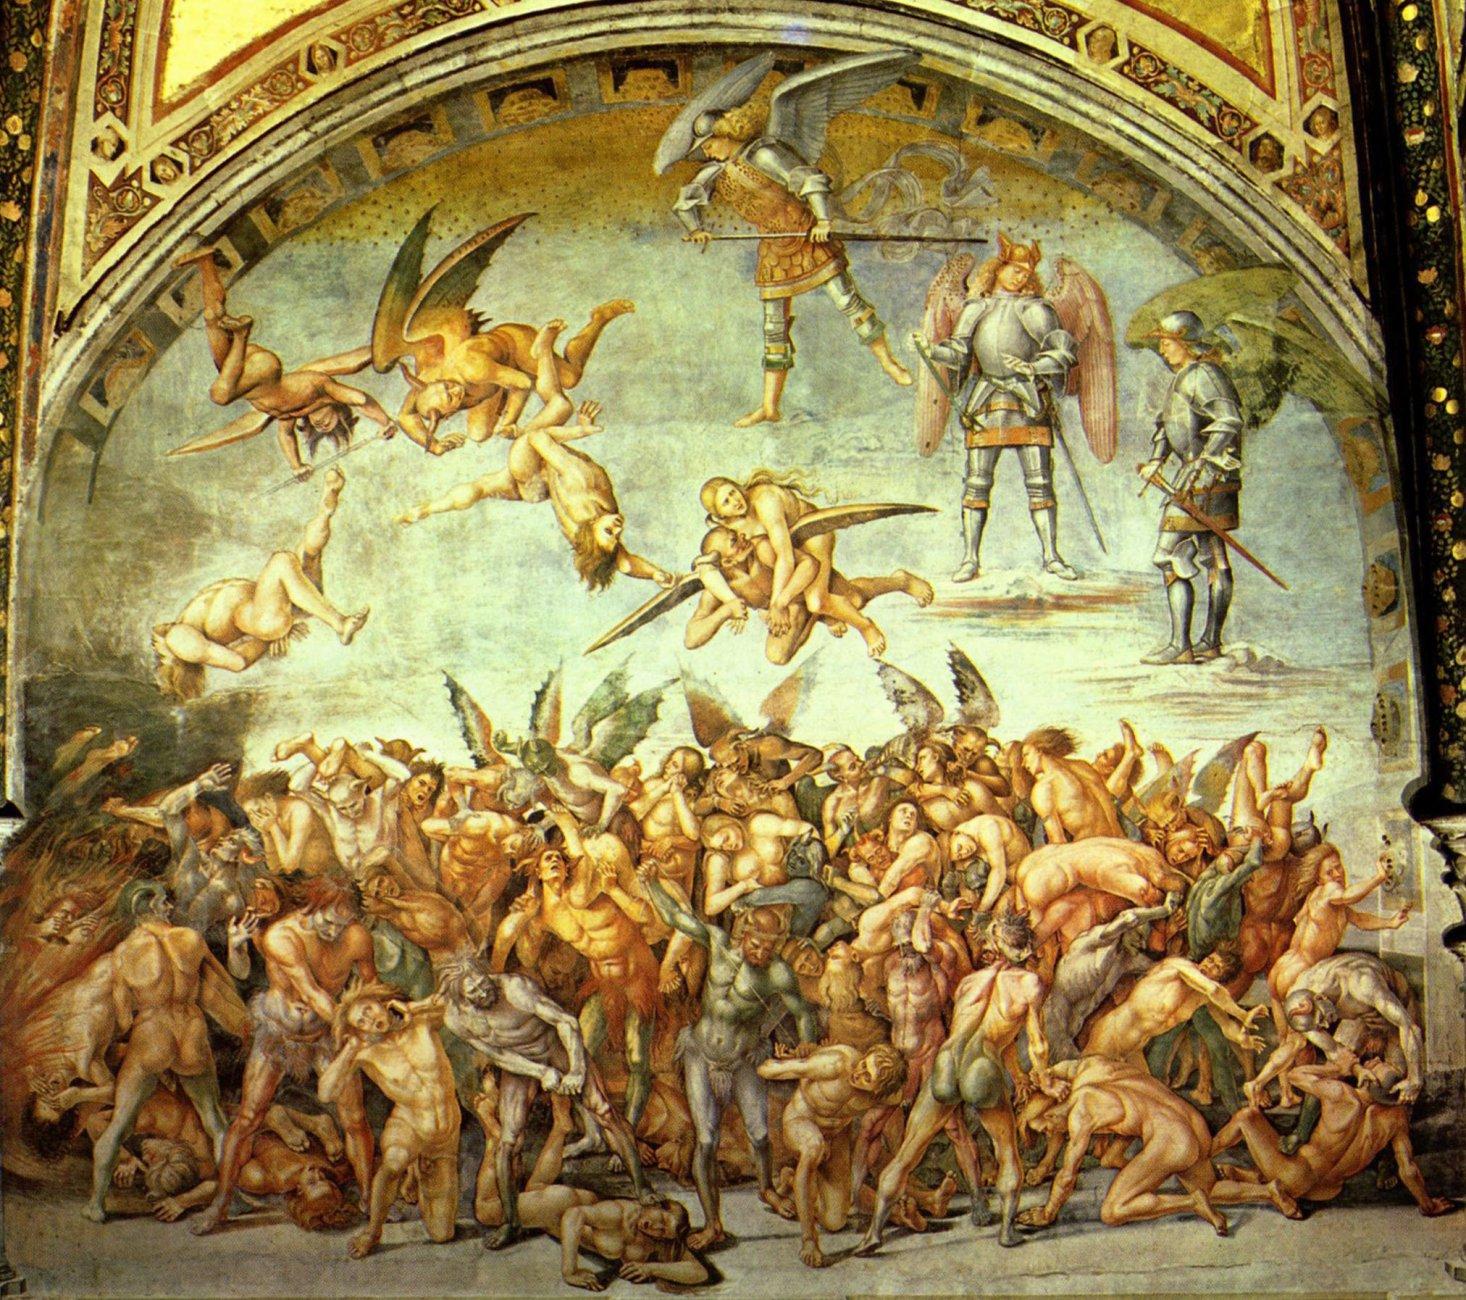 luca-signorelli-fresken-im-dom-zu-orvieto-szene-die-verdammten-09058.jpg